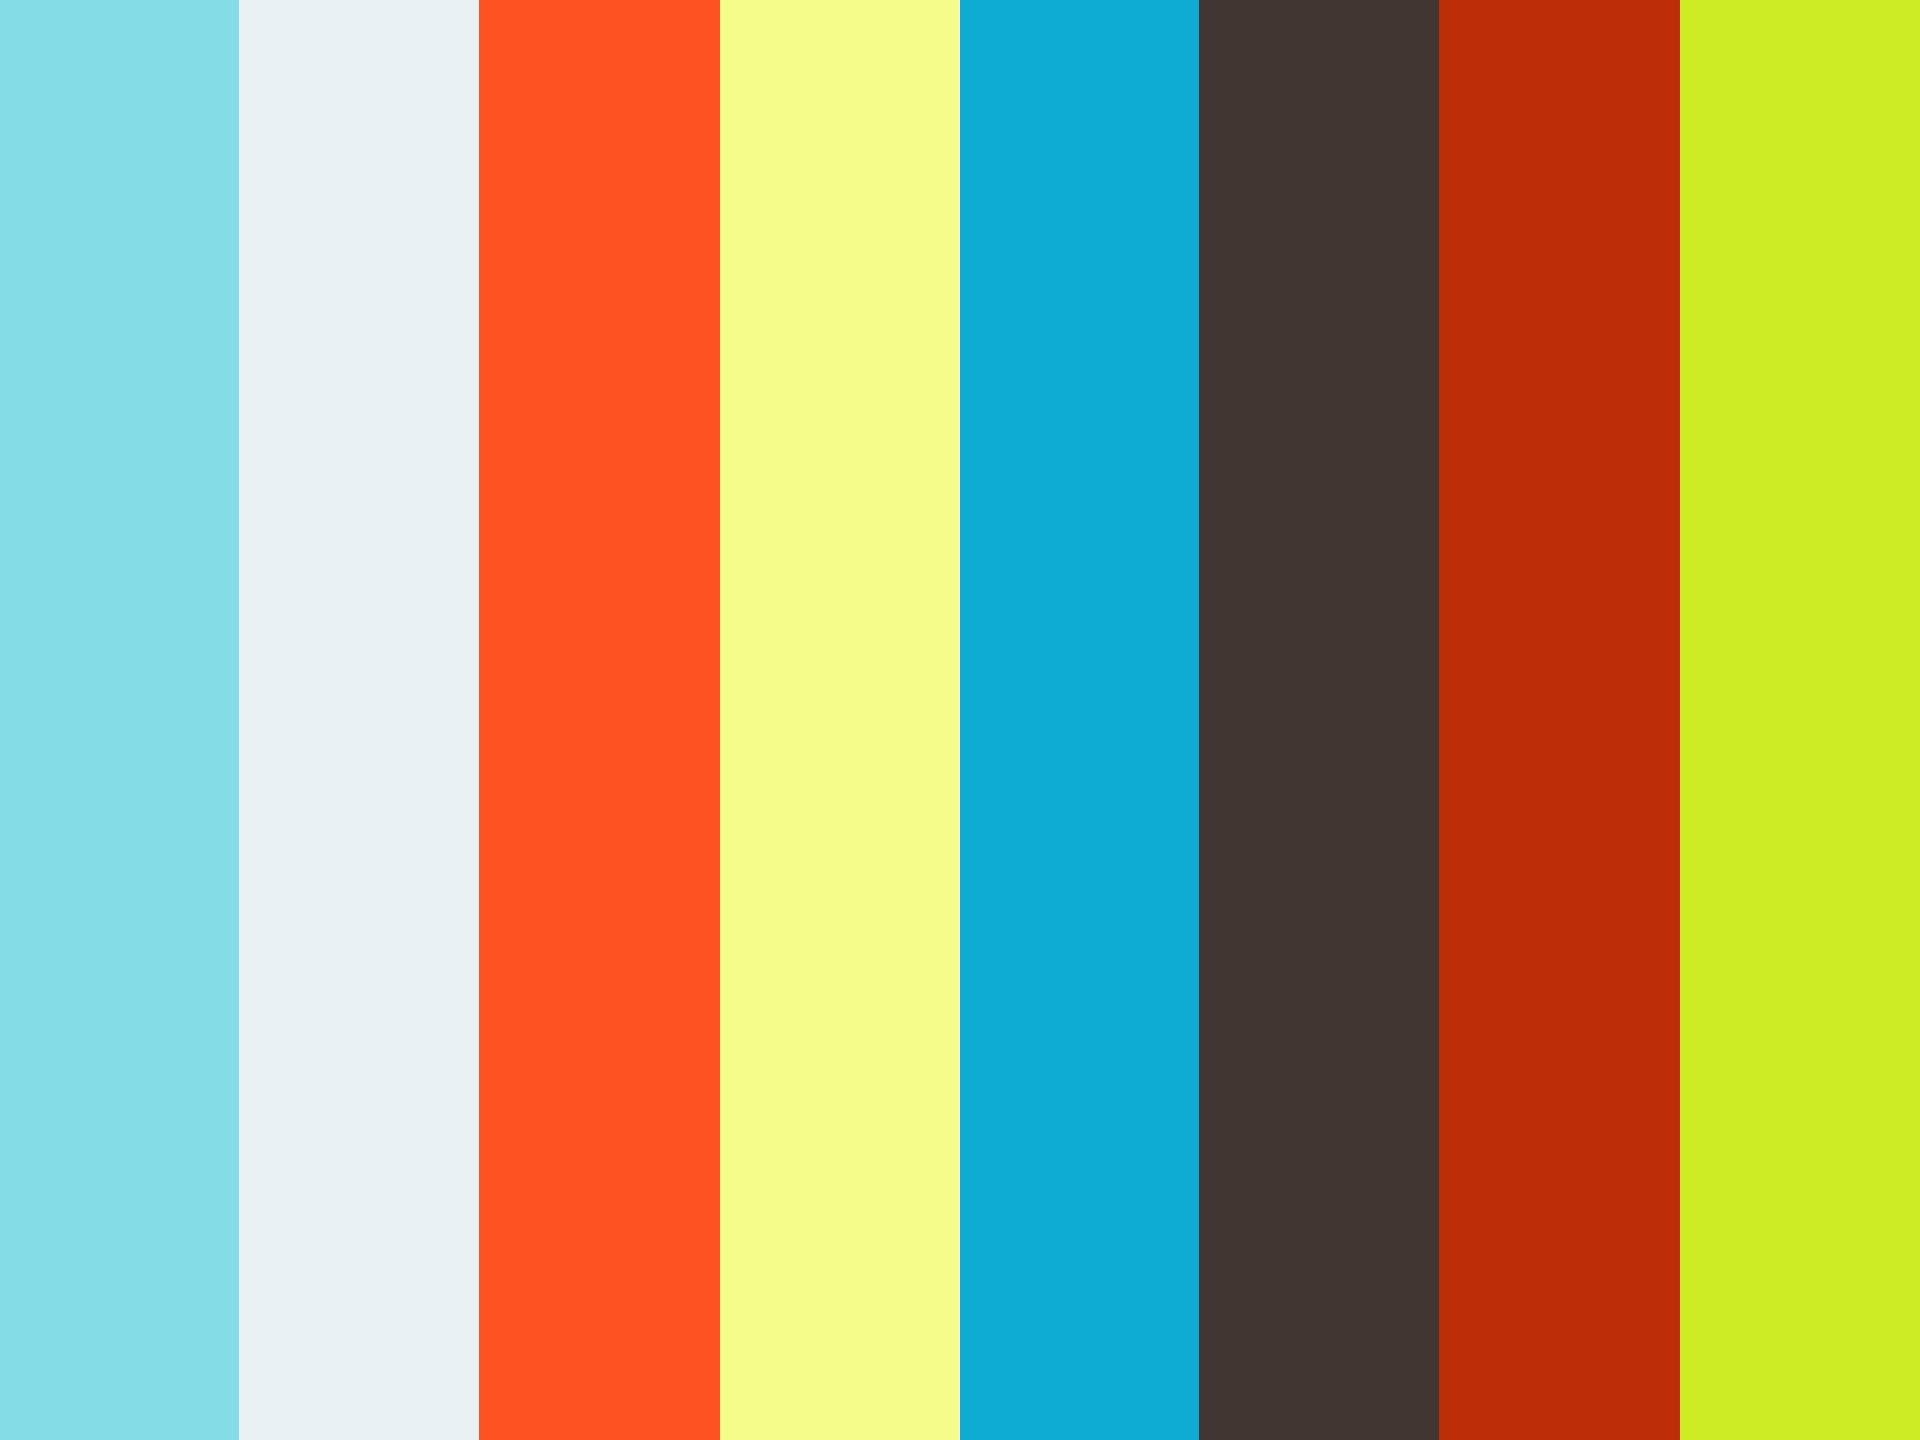 (autoP - mp4) Shingeki+no+Kyojin+Season+3+Episode+12 on Vimeo